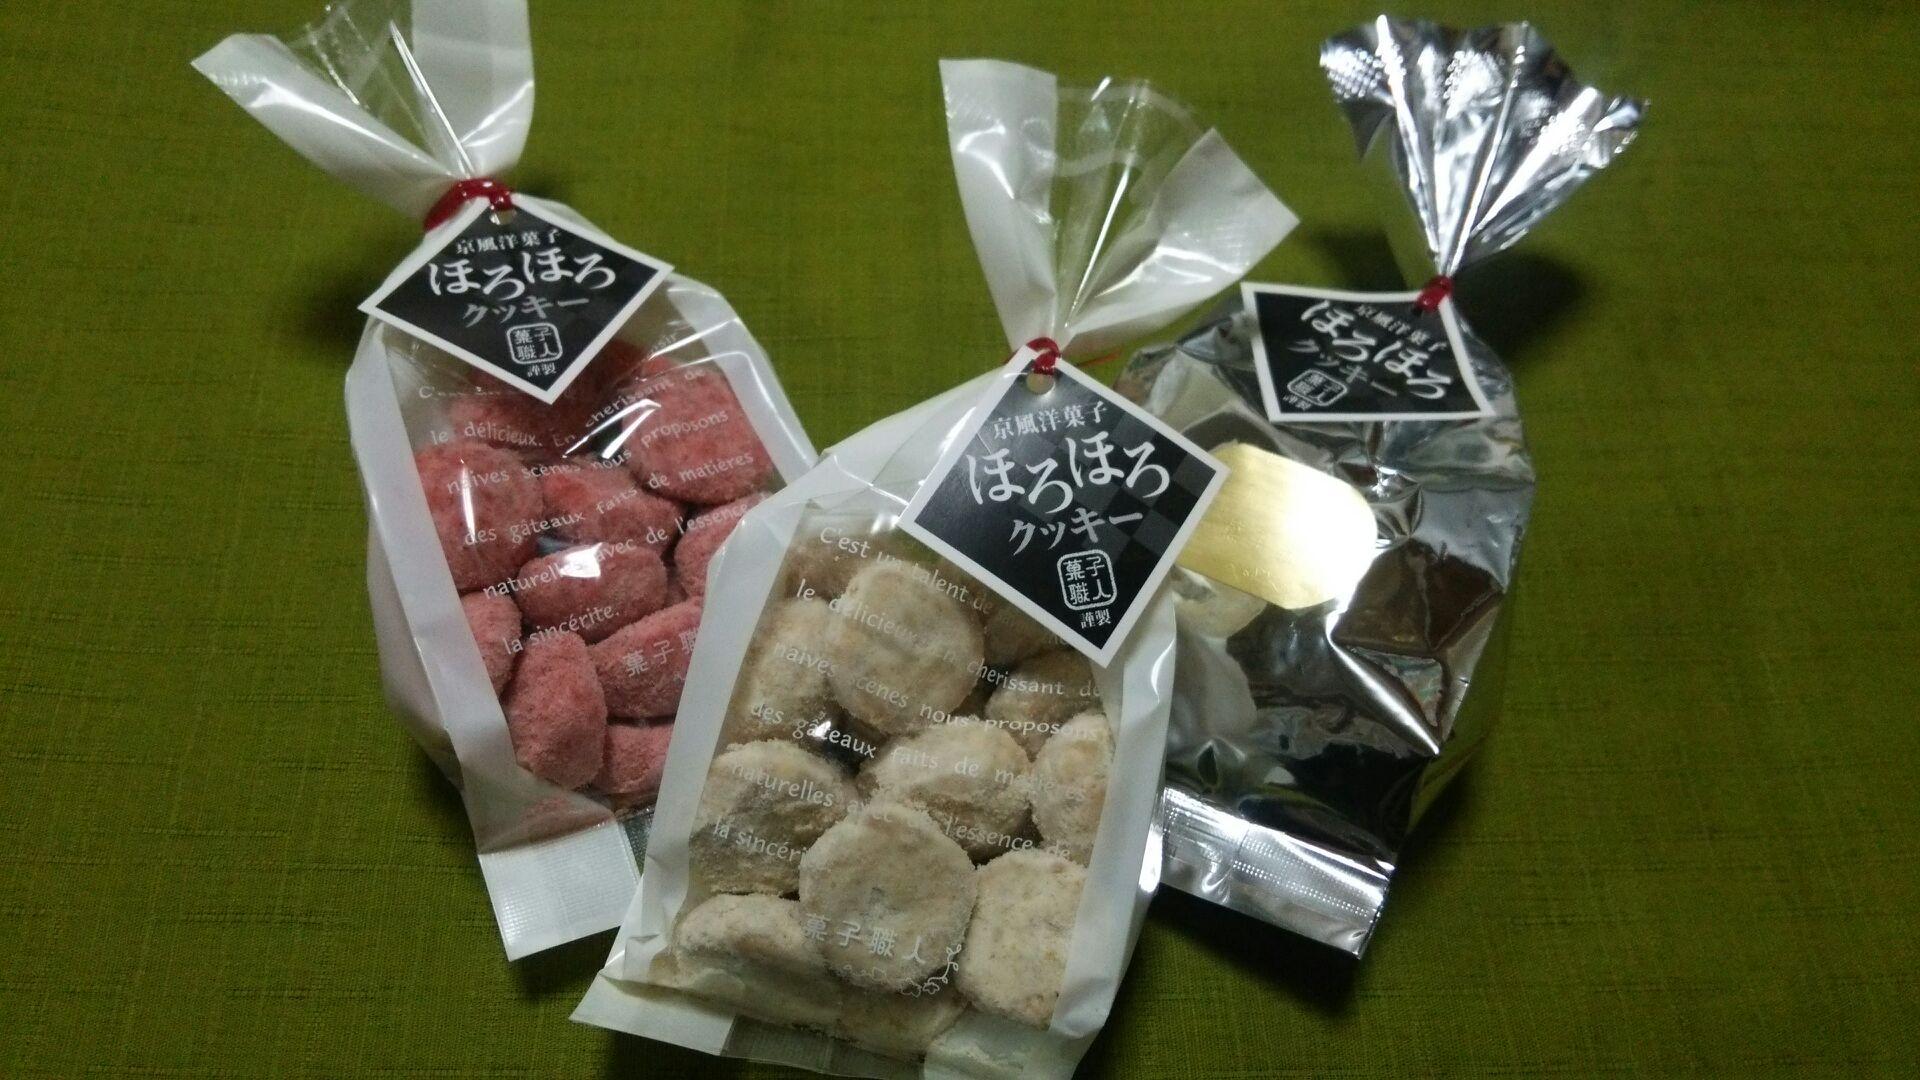 【お菓子】菓子職人【クッキー】 | My Wonderful Photos